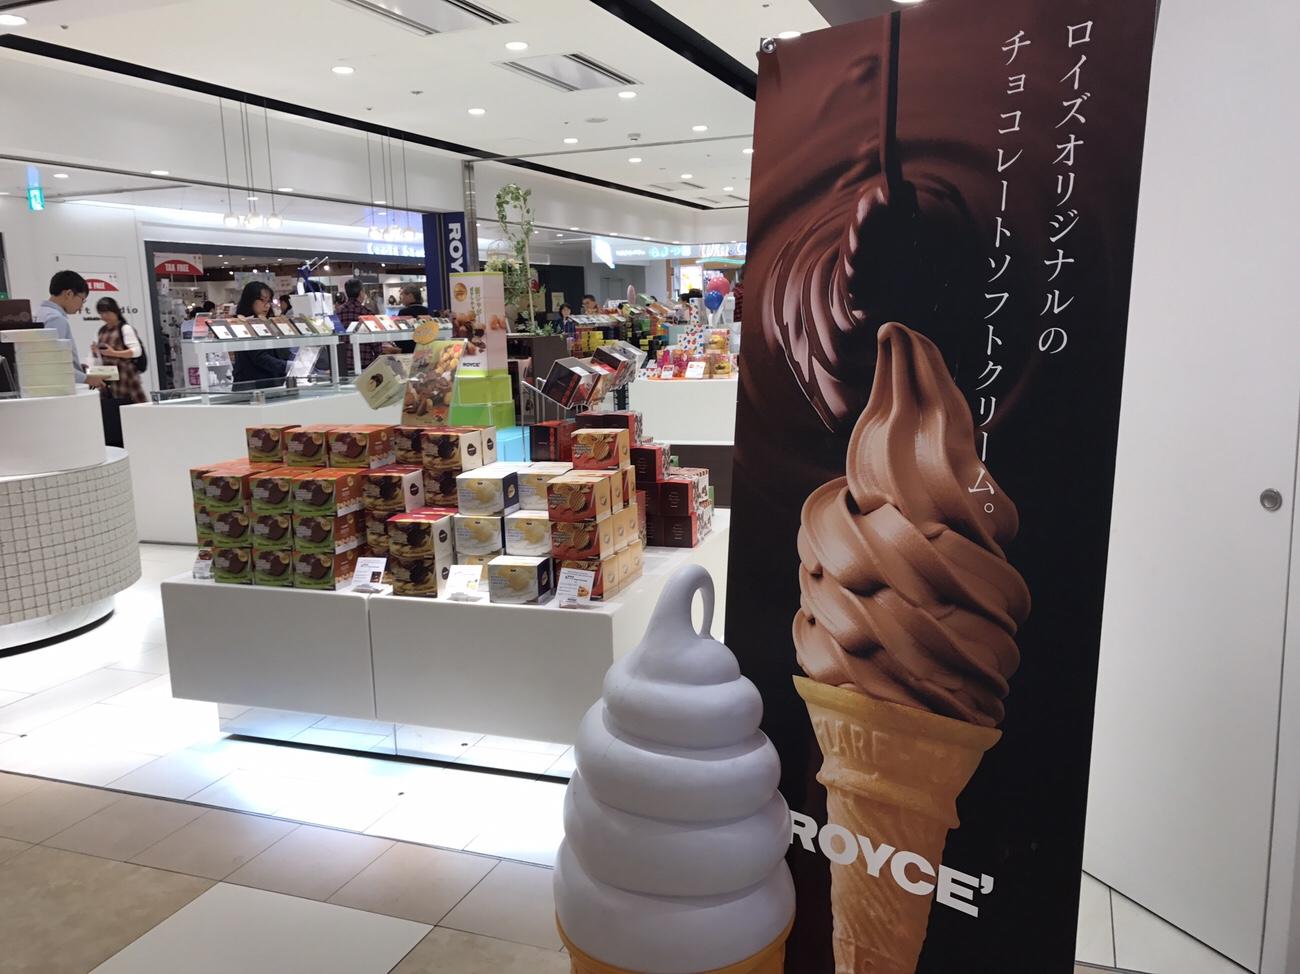 新千歳空港グルメ ソフトクリーム ロイズチョコレート